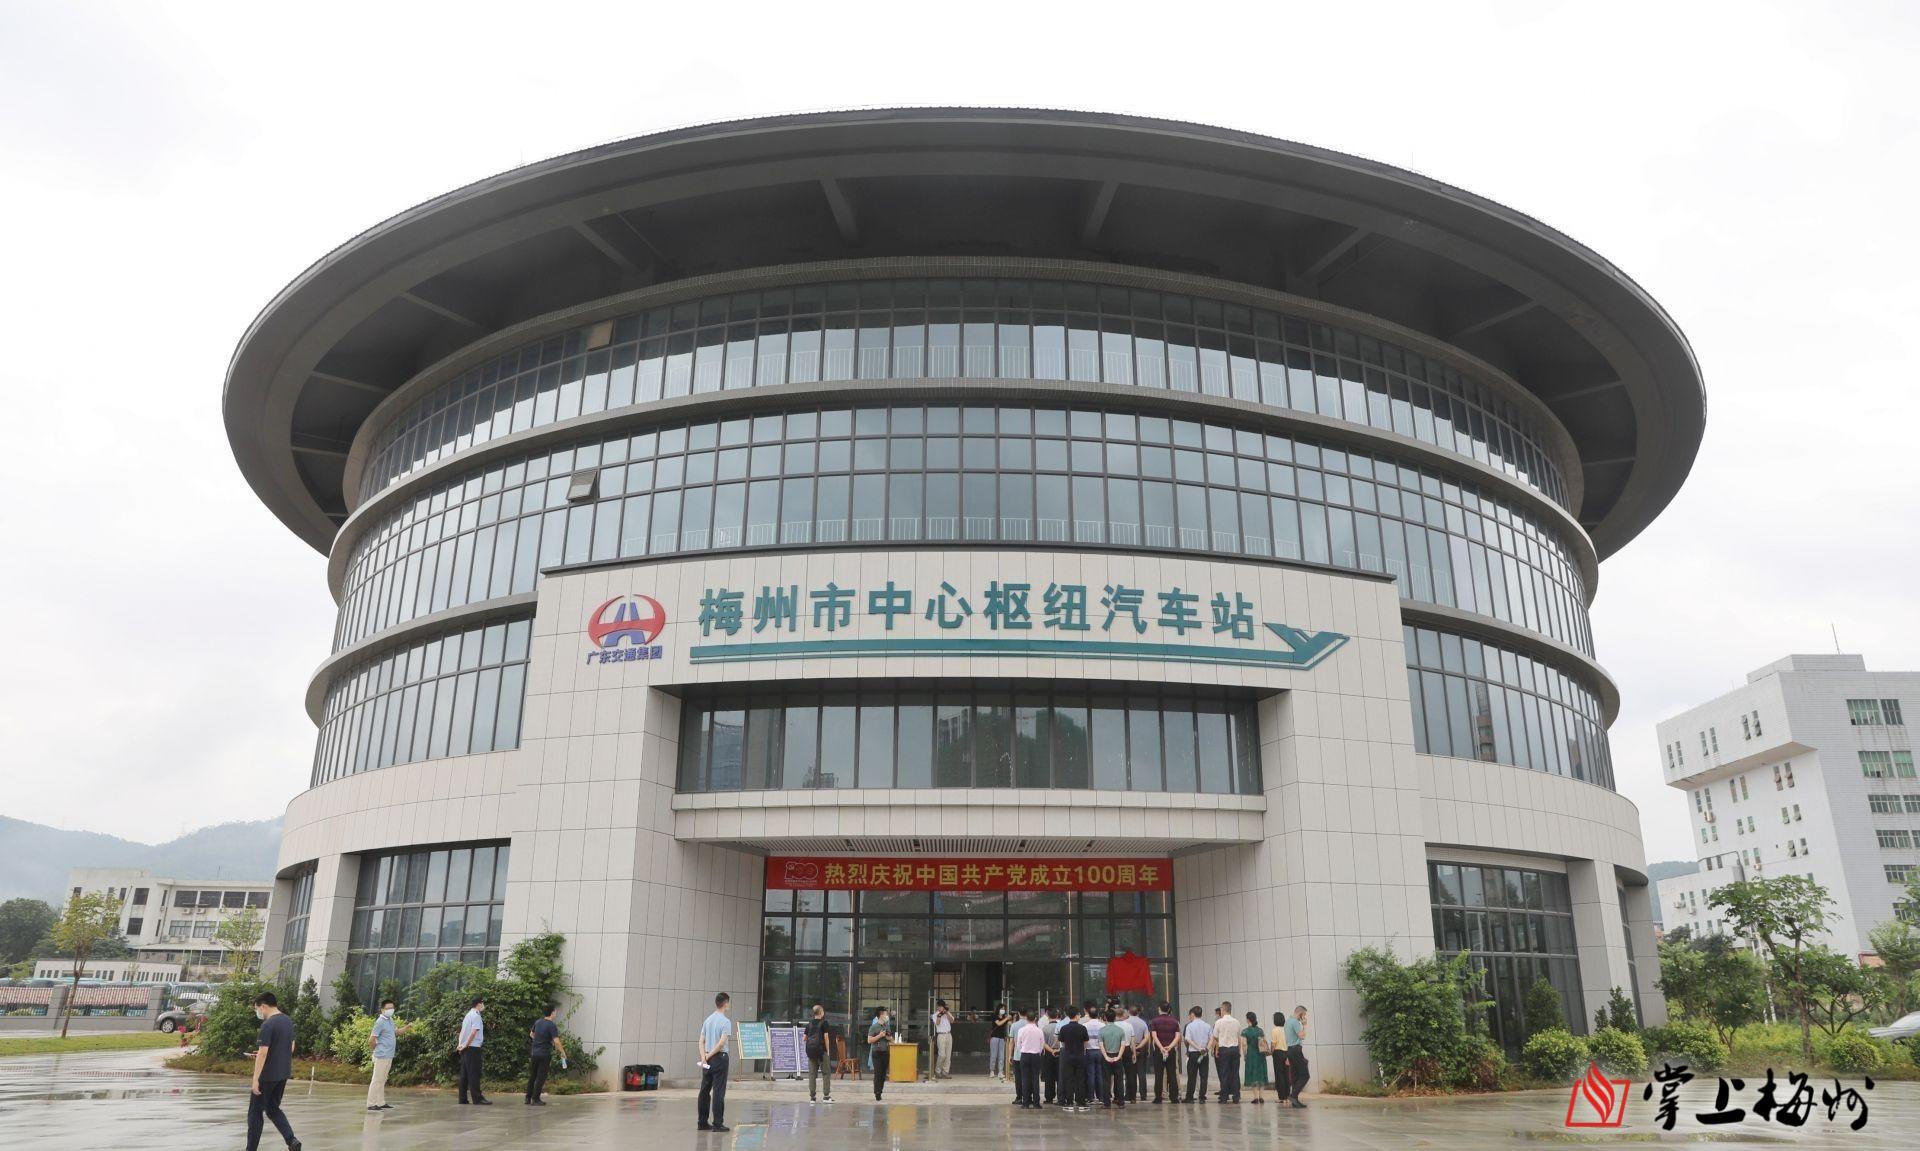 梅州市中心枢纽汽车站今日开始试运行!高清大图看内部场景